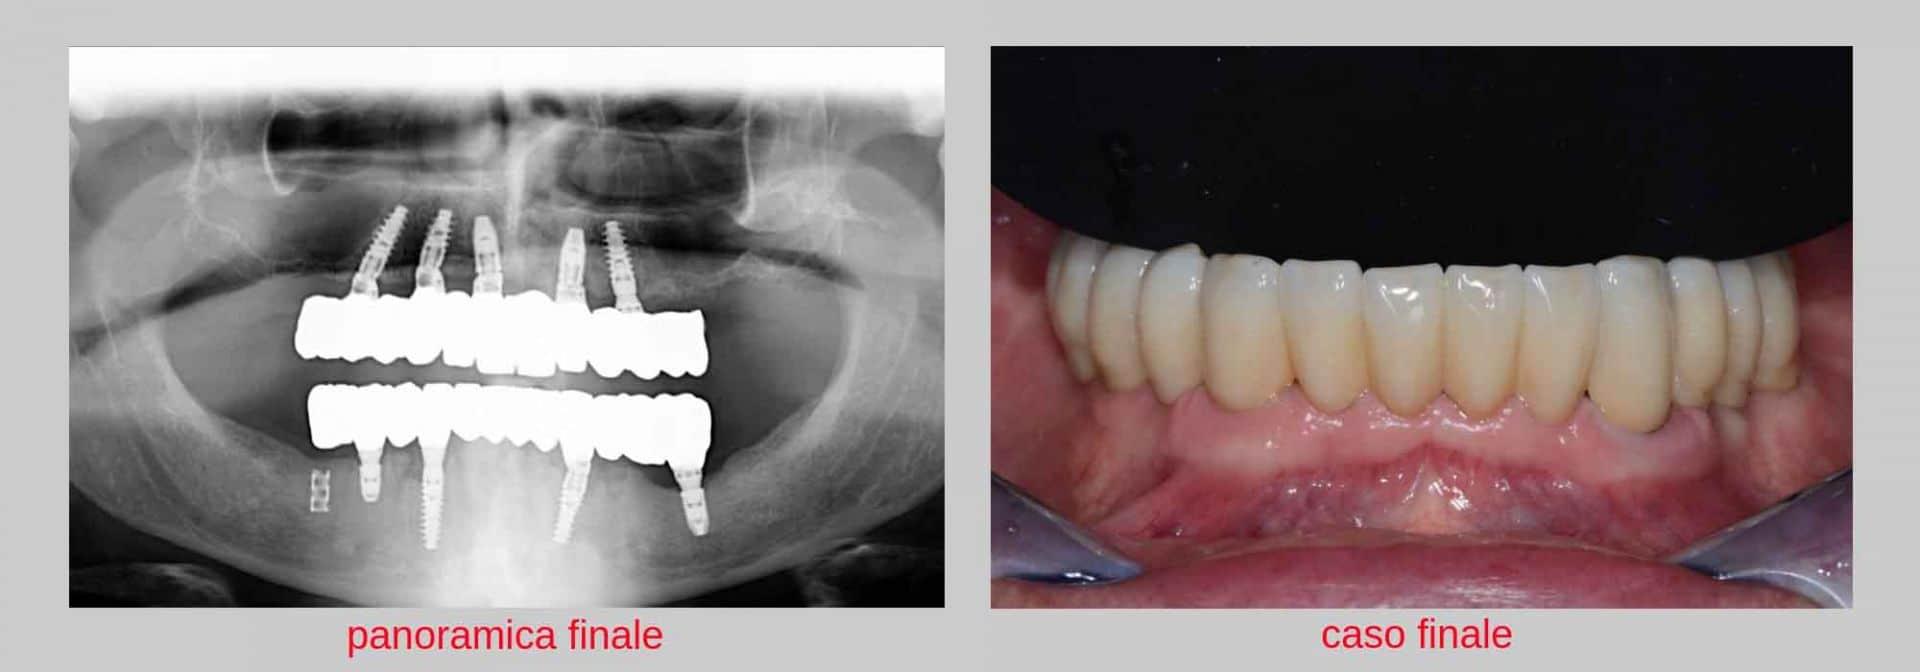 giovanni paziente con parodontite dopo